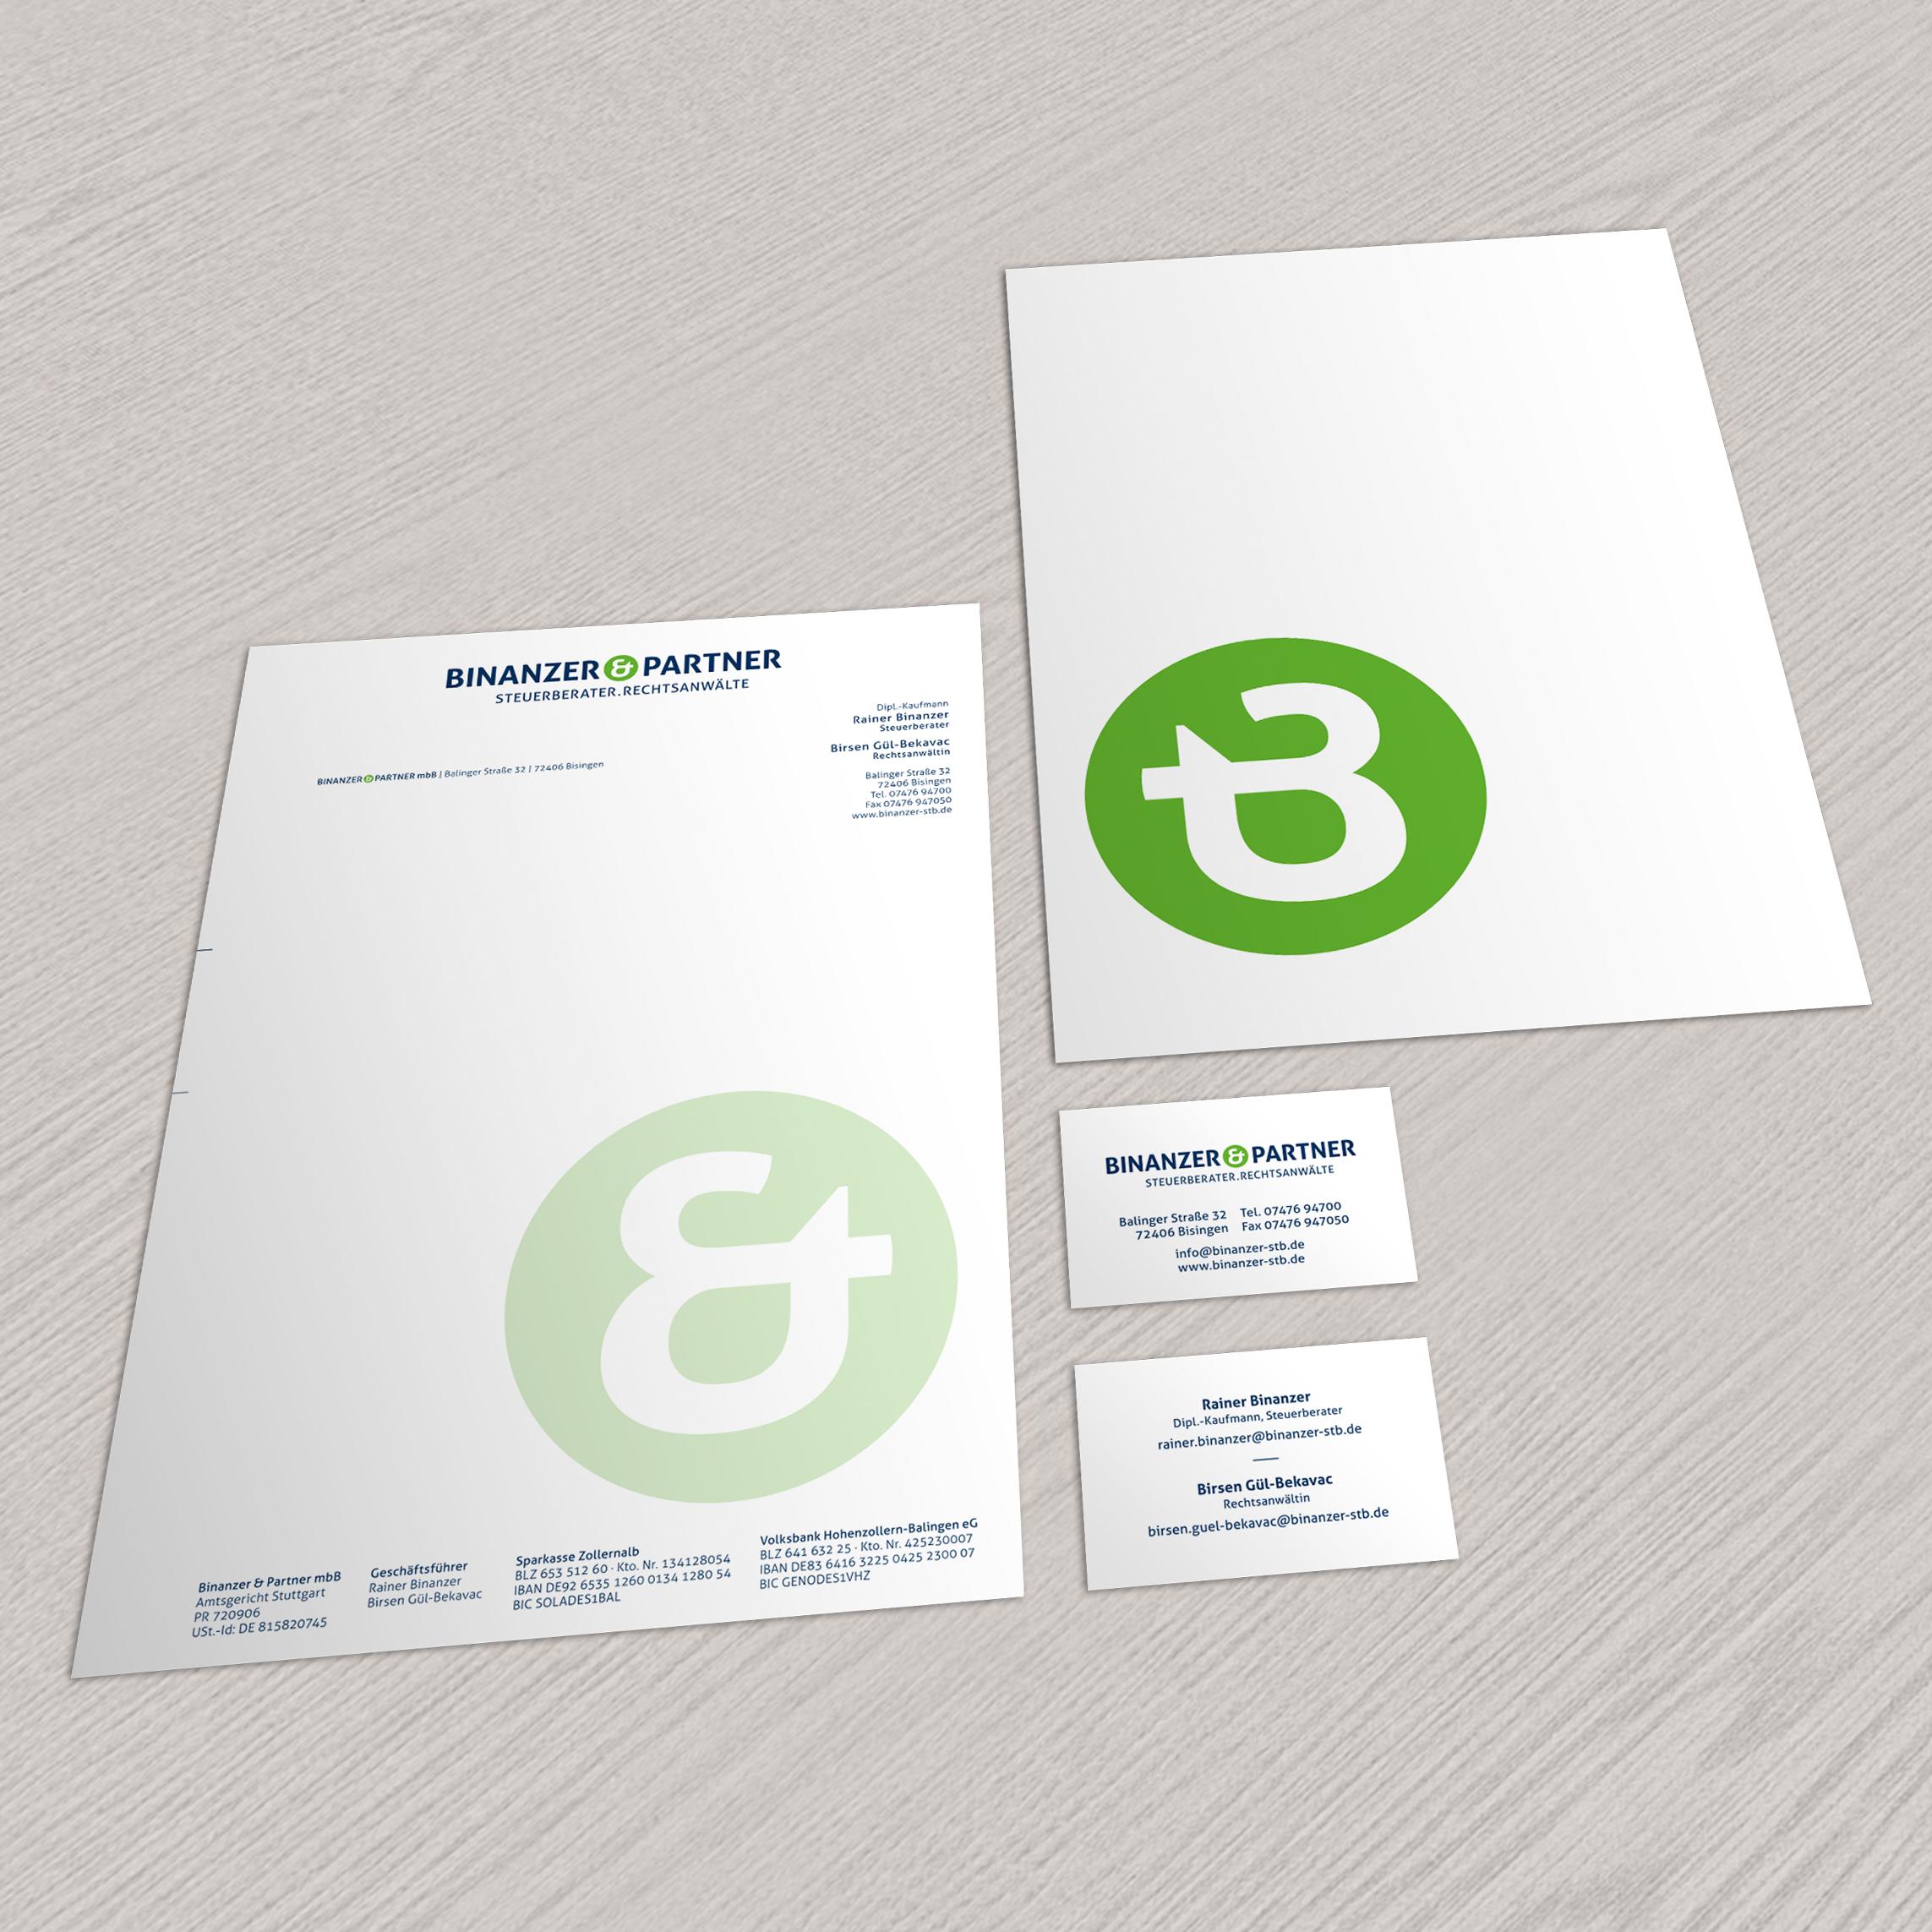 Visitenkarten und Briefbogen für Binanzer & Partner